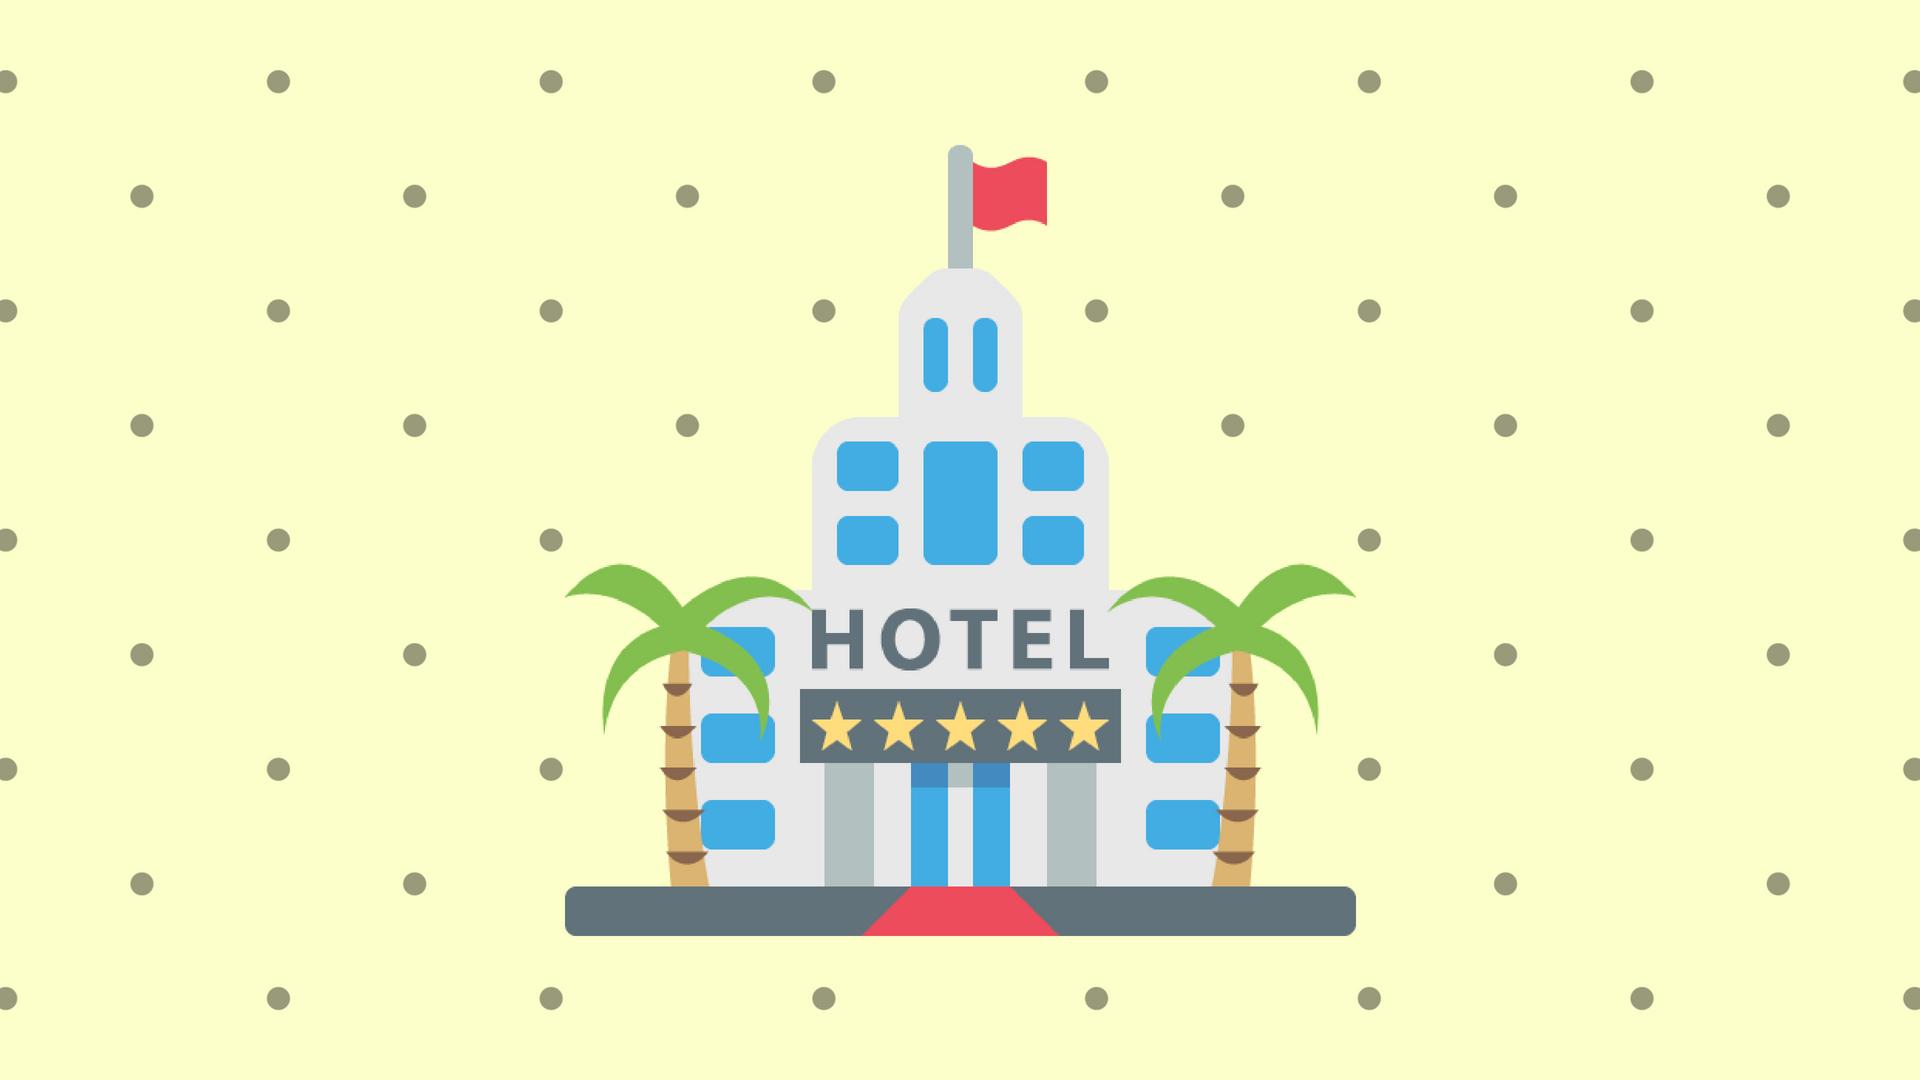 hoteleinkauf veranstaltung